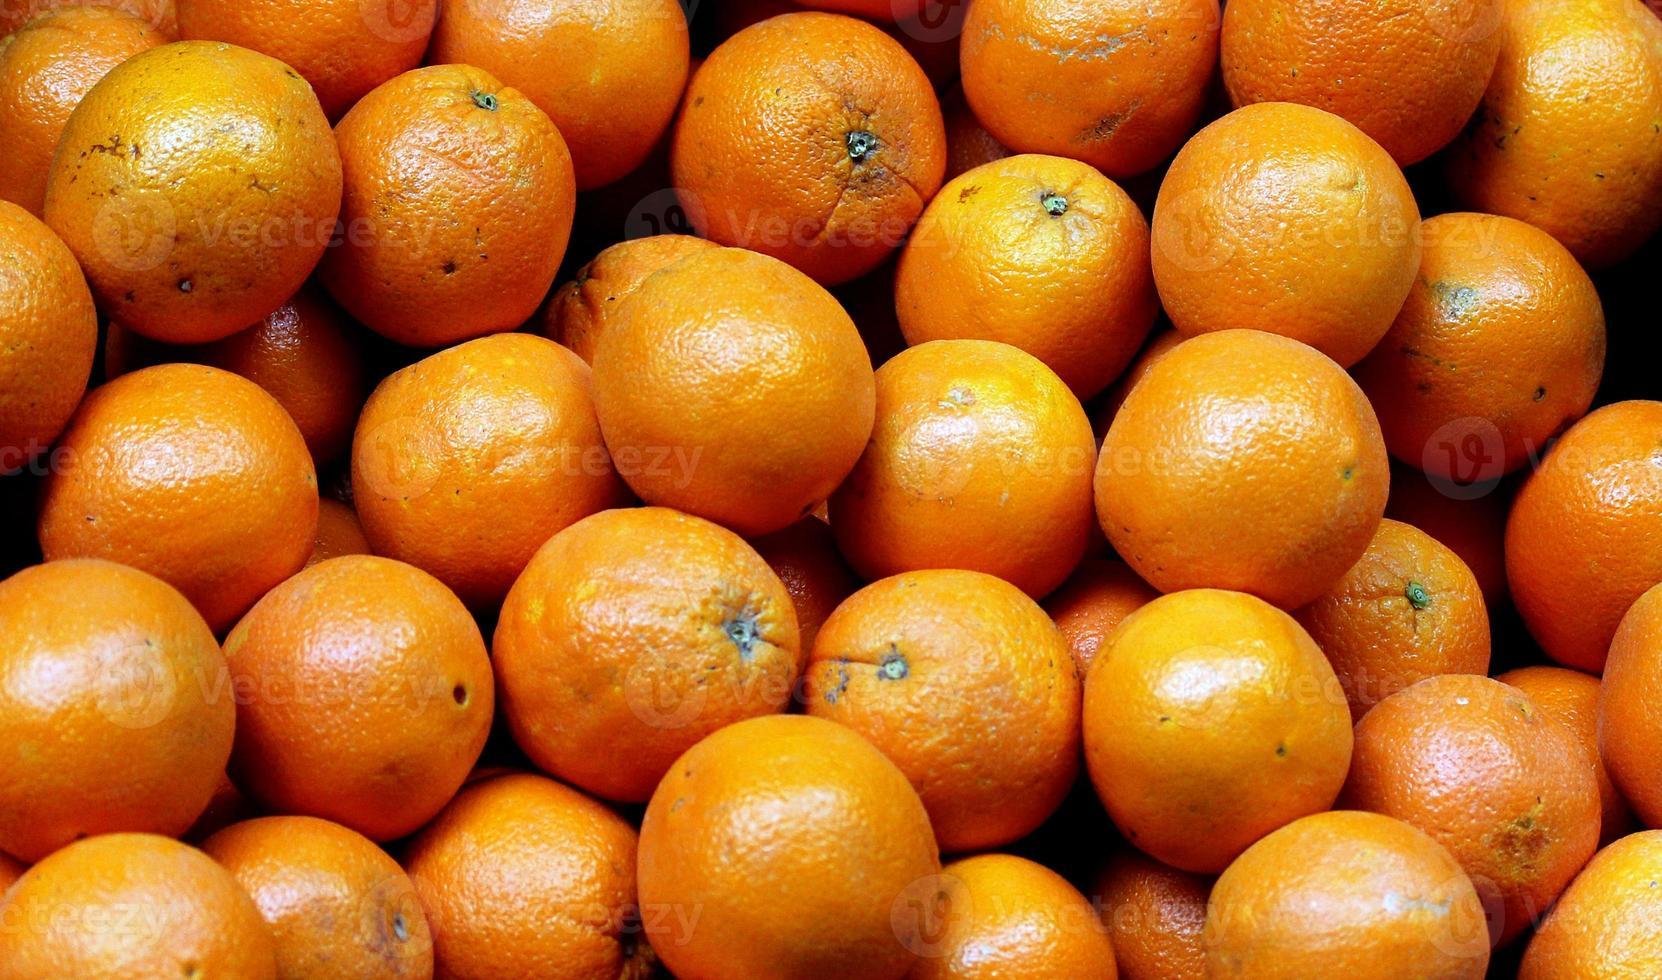 monte de laranjas frescas no mercado. foco seletivo foto